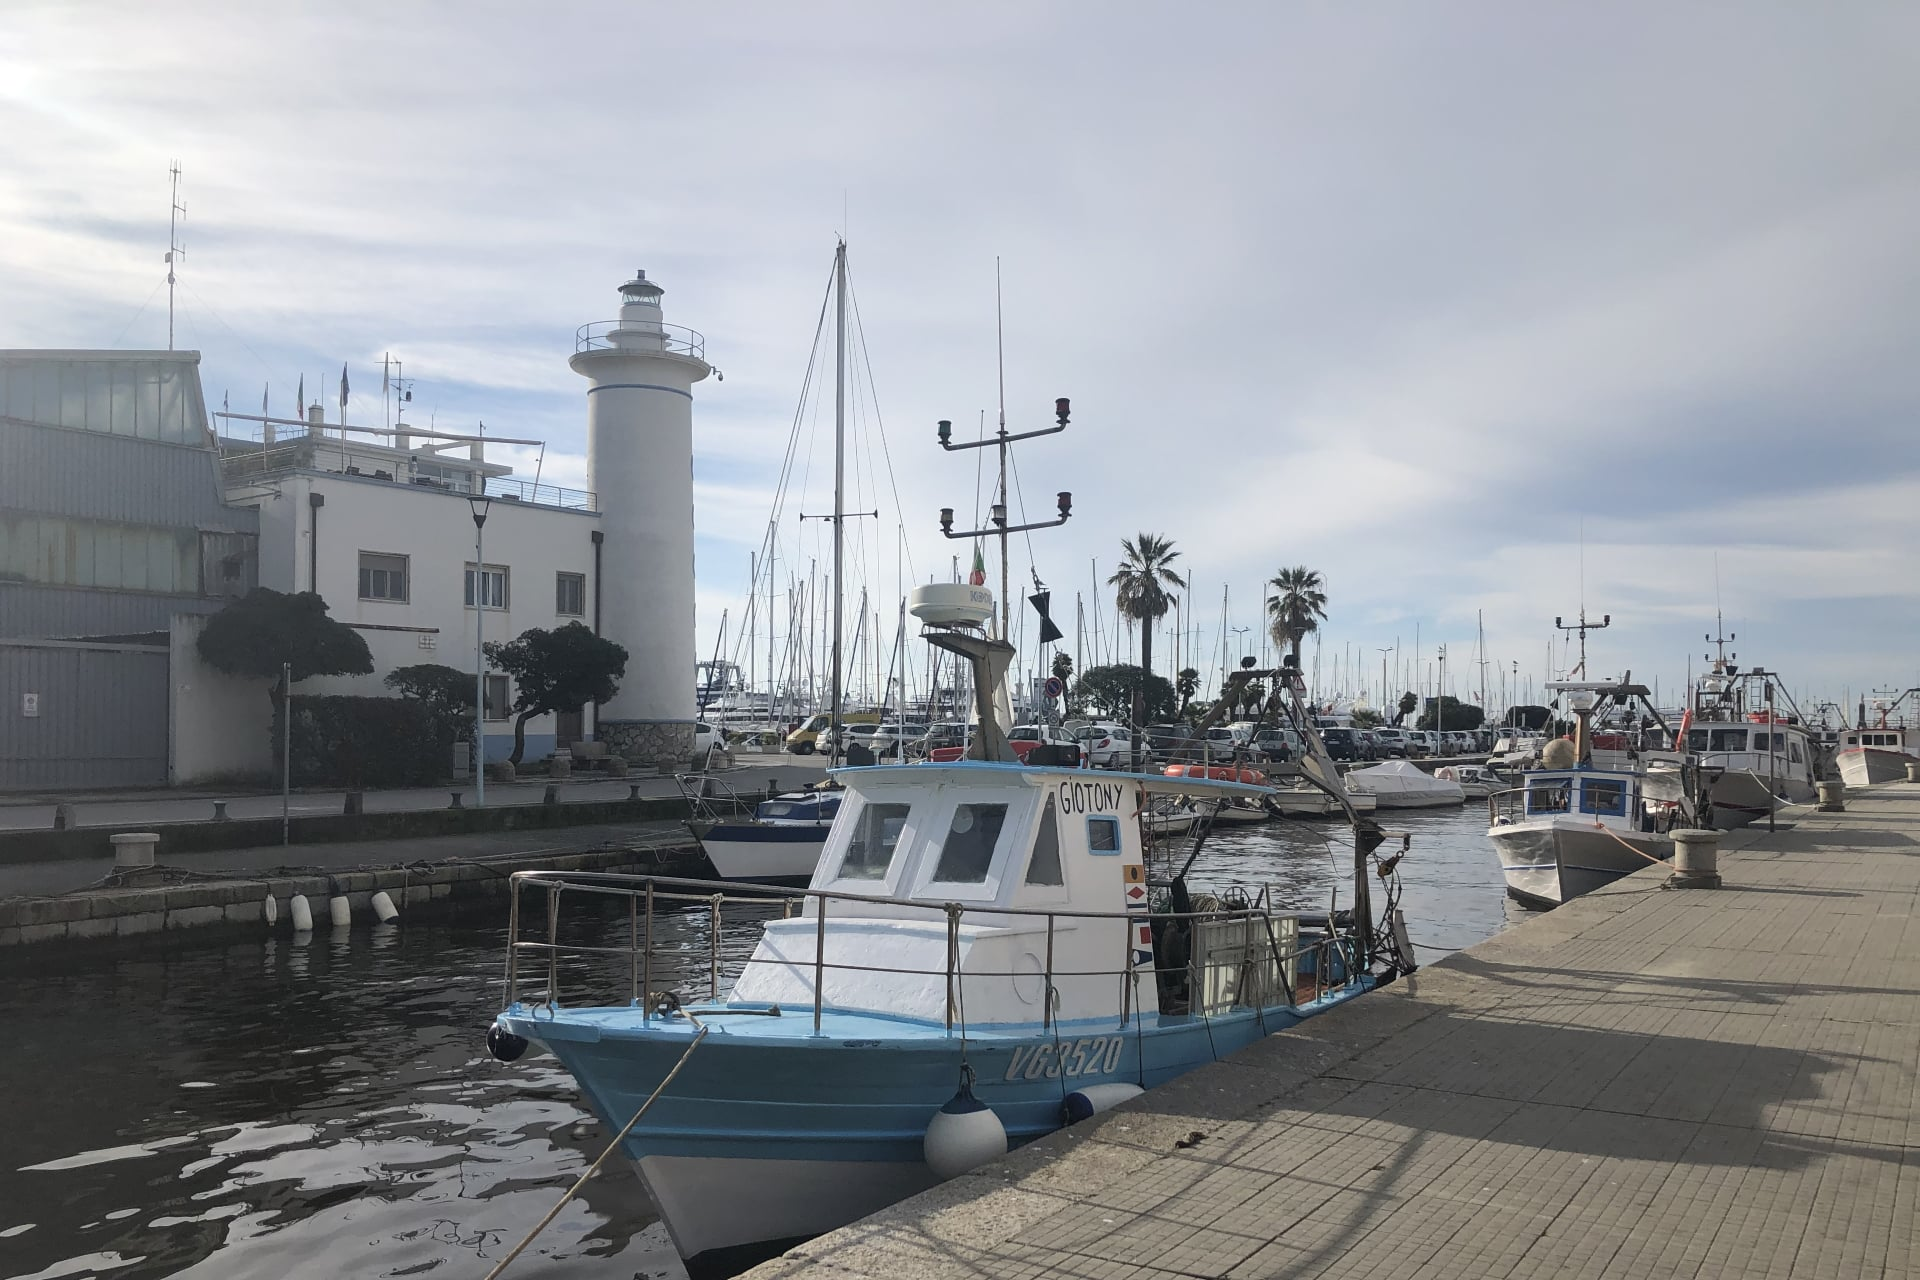 Viareggio: pescherecci all'ormeggio nel Burlamacca e il porto